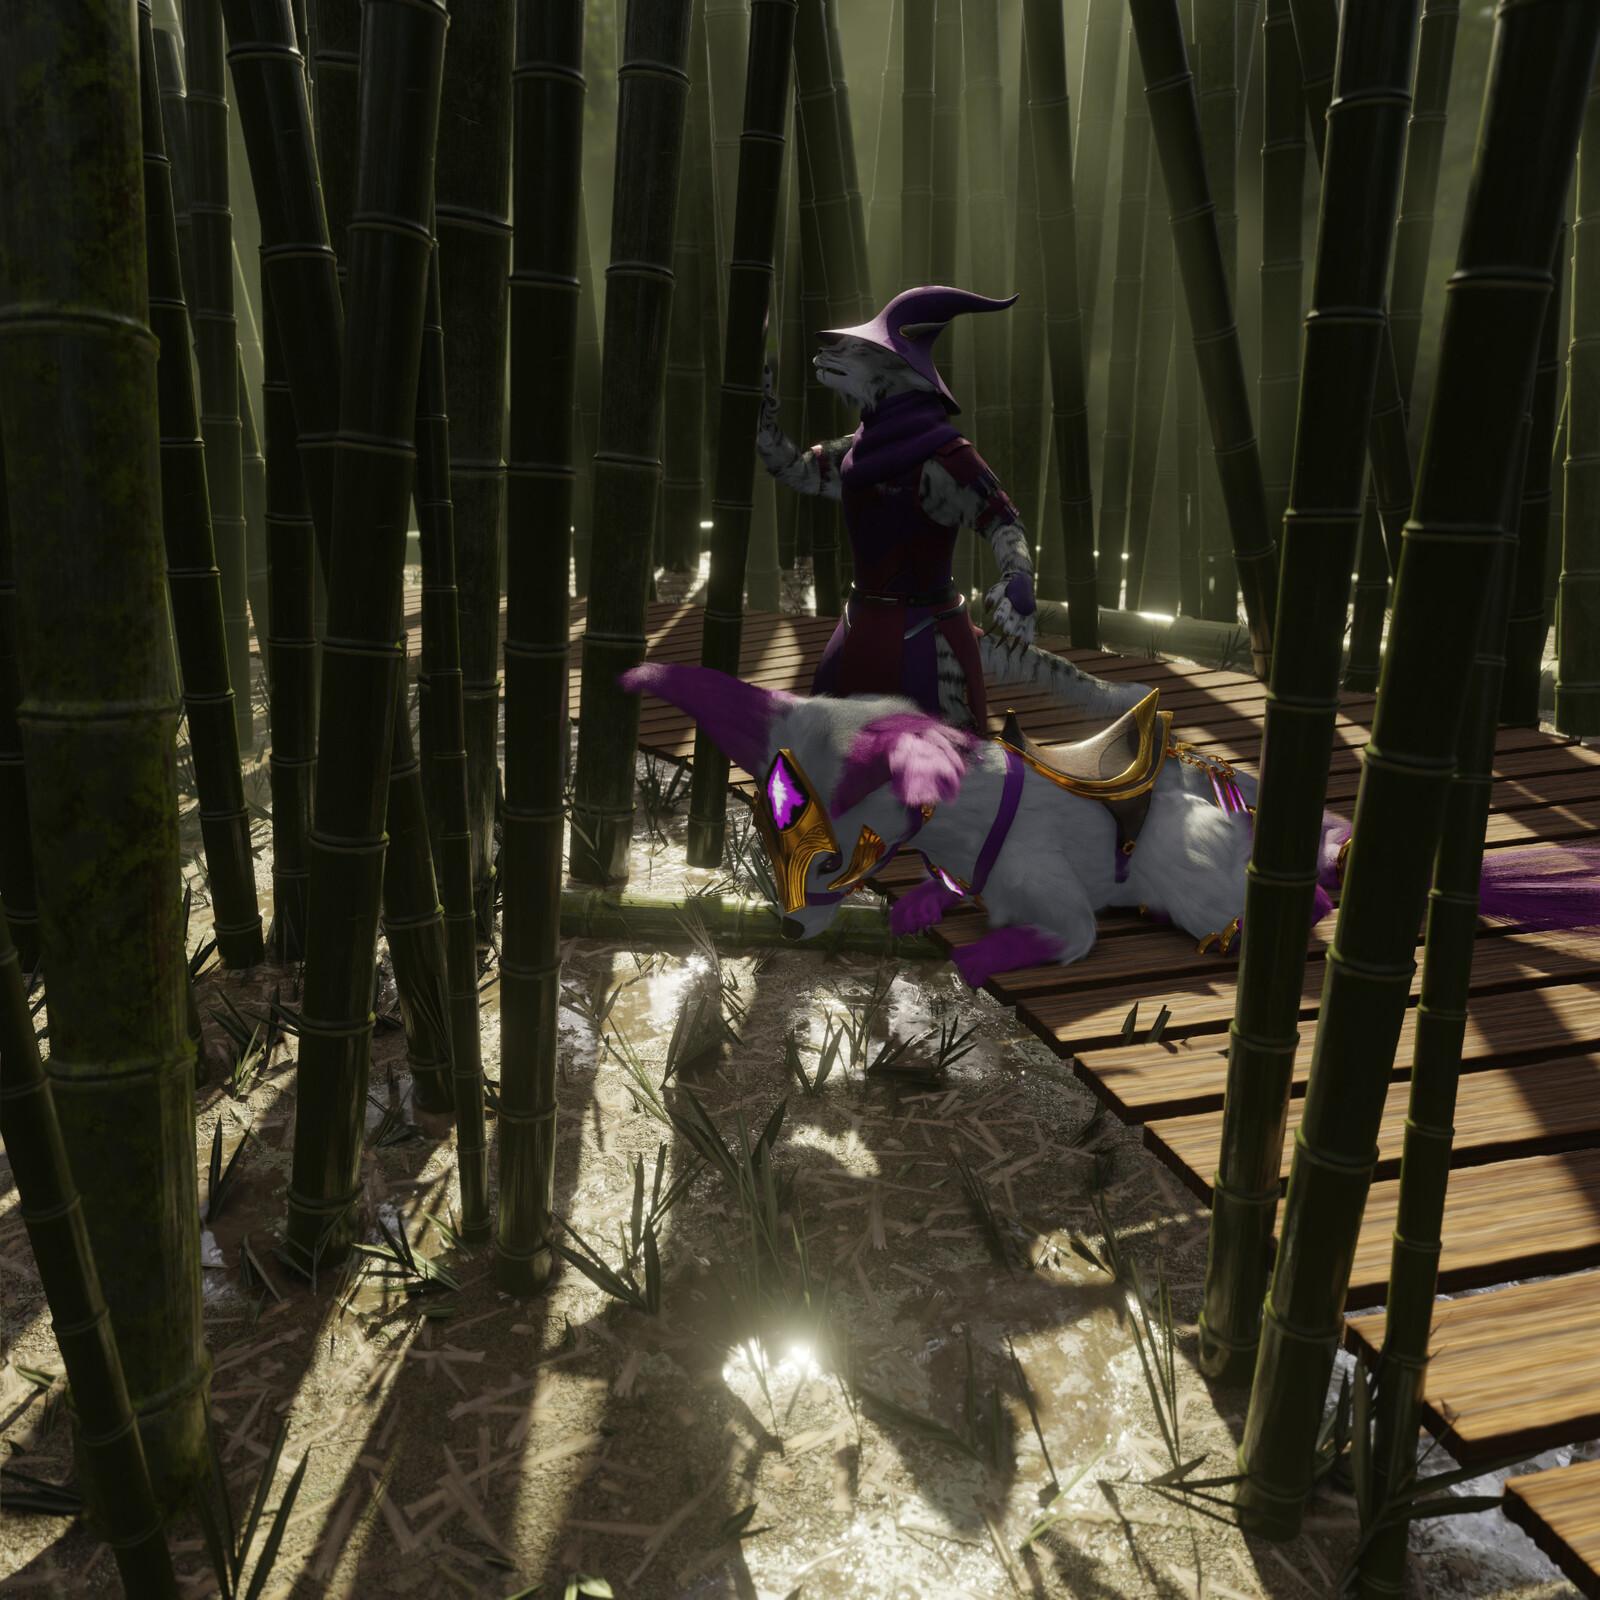 Countdown to Spring #15: Bamboo Garden